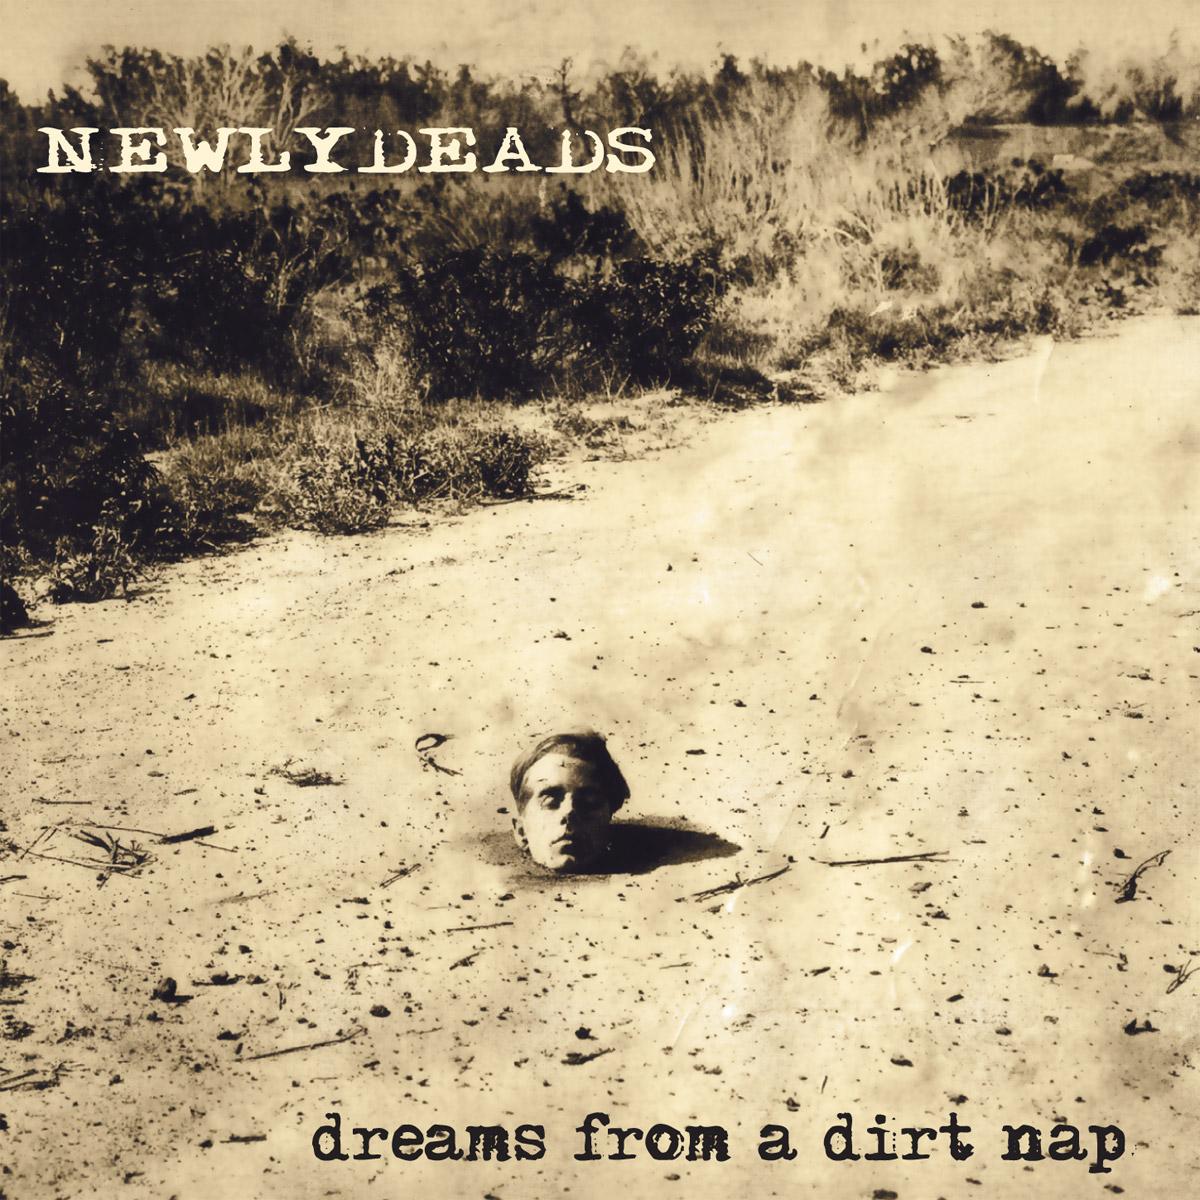 What dreams of dirt 7